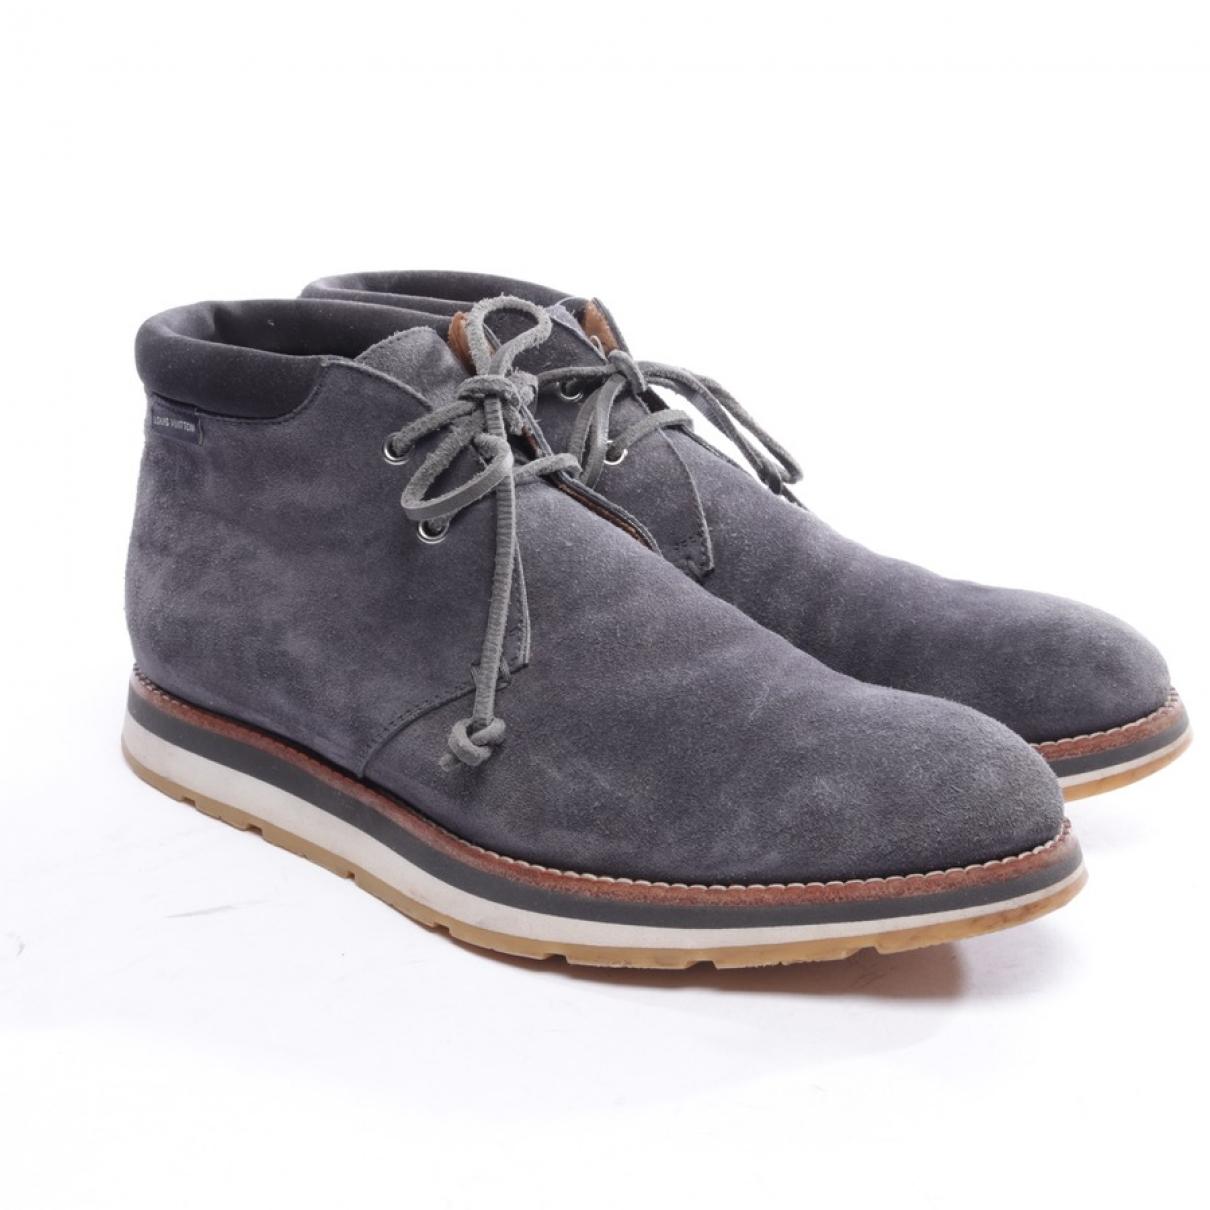 Louis Vuitton - Boots   pour femme en suede - gris